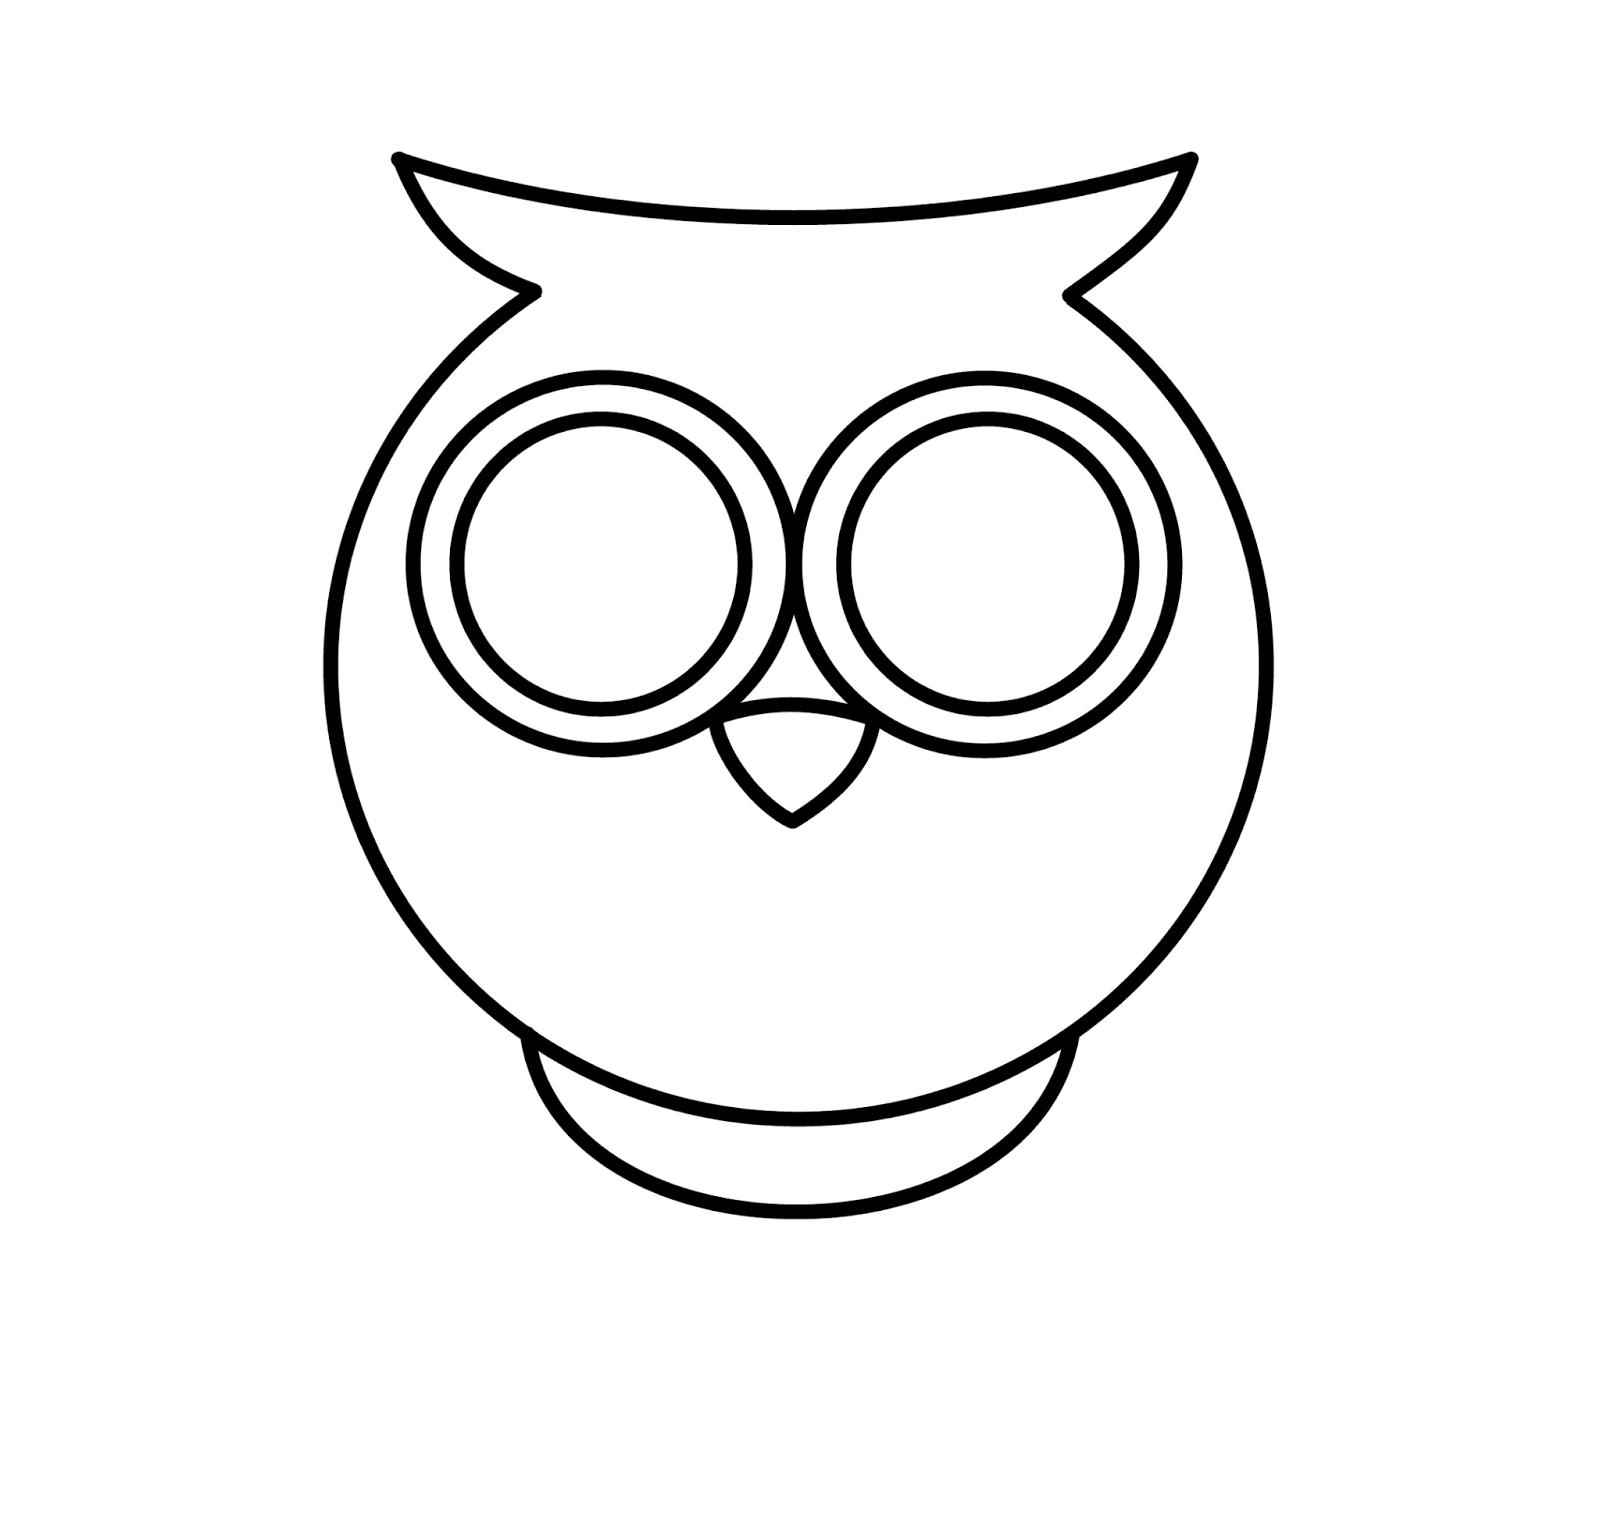 How To Draw Cartoons: Owl